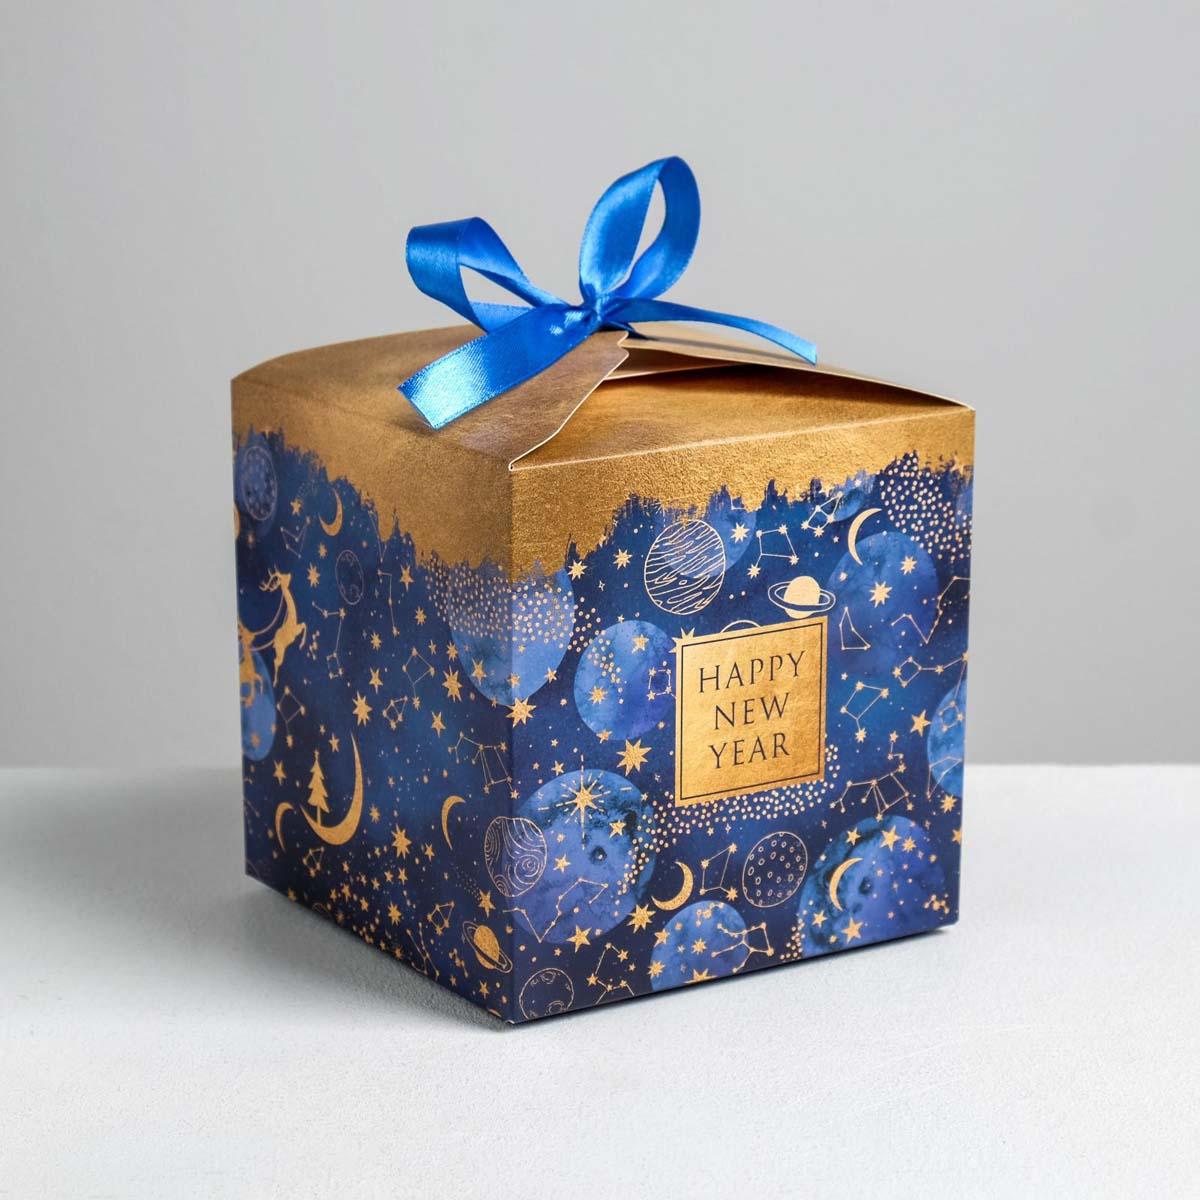 5017512 Складная коробка «Новогоднее волшебство», 12*12*12 см